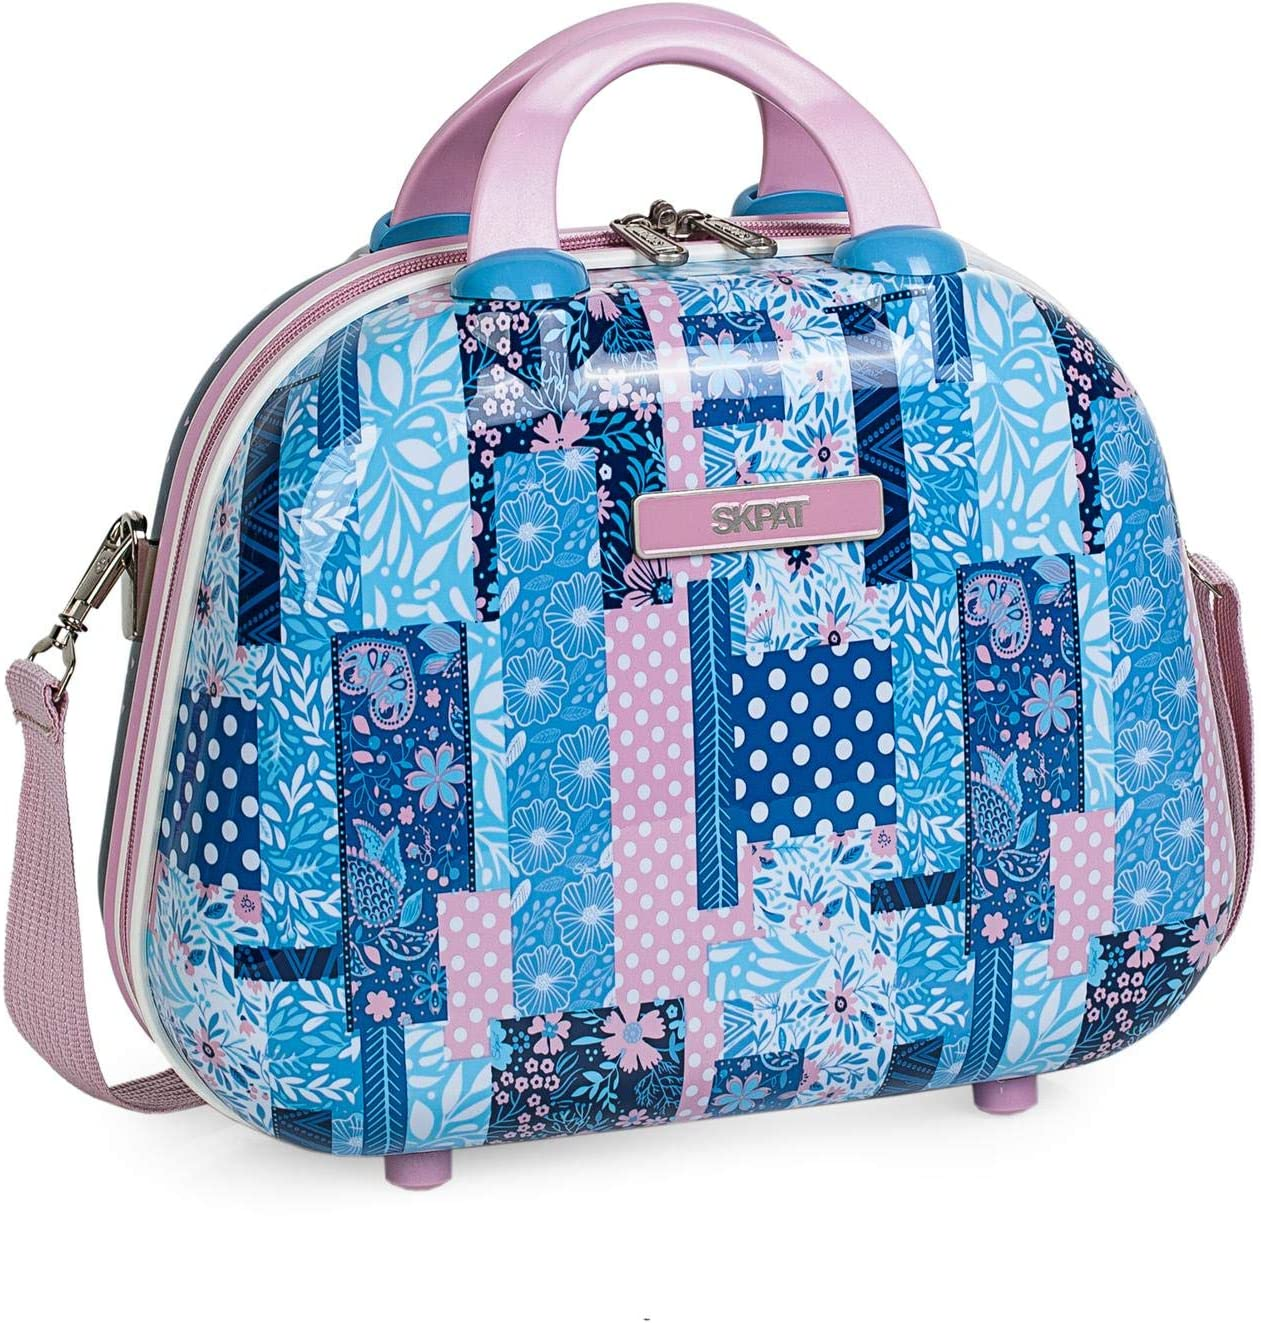 SKPAT - Neceser de Viaje Infantil Grande rígido de policarbonato Estampado. Maleta de Aseo. cómodo y con Espejo Bonito diseño. 130035, Color Azul